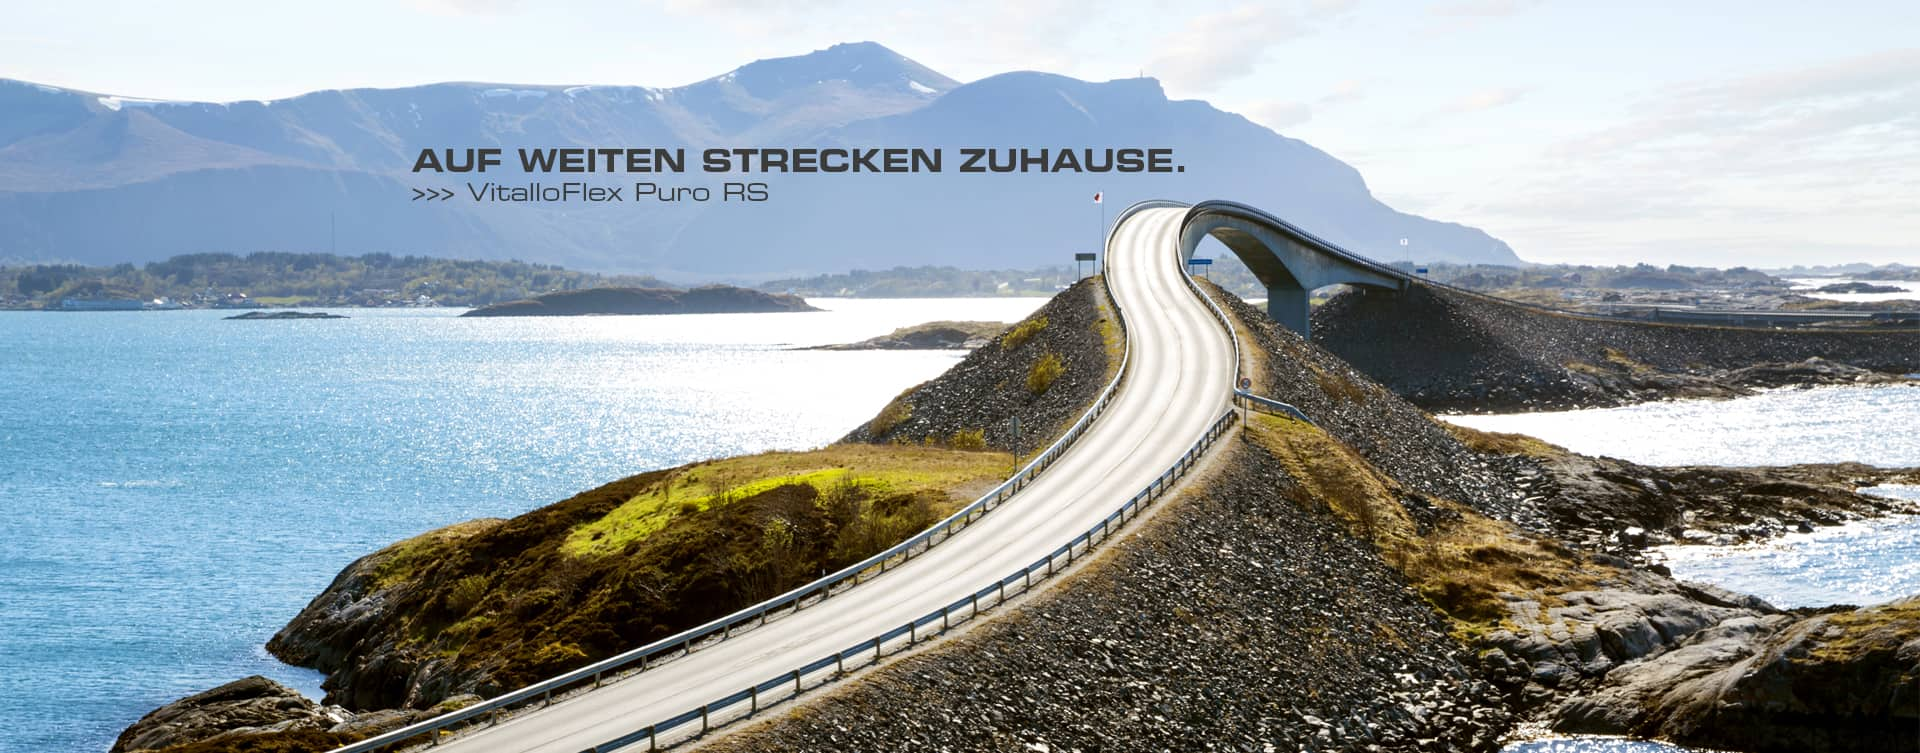 Ein Fahrerschuh, der entspanntes Cruisen auf der Landstraße genauso ermöglicht wie sportlich, ambitioniertes Fahren auf der Rennstrecke.